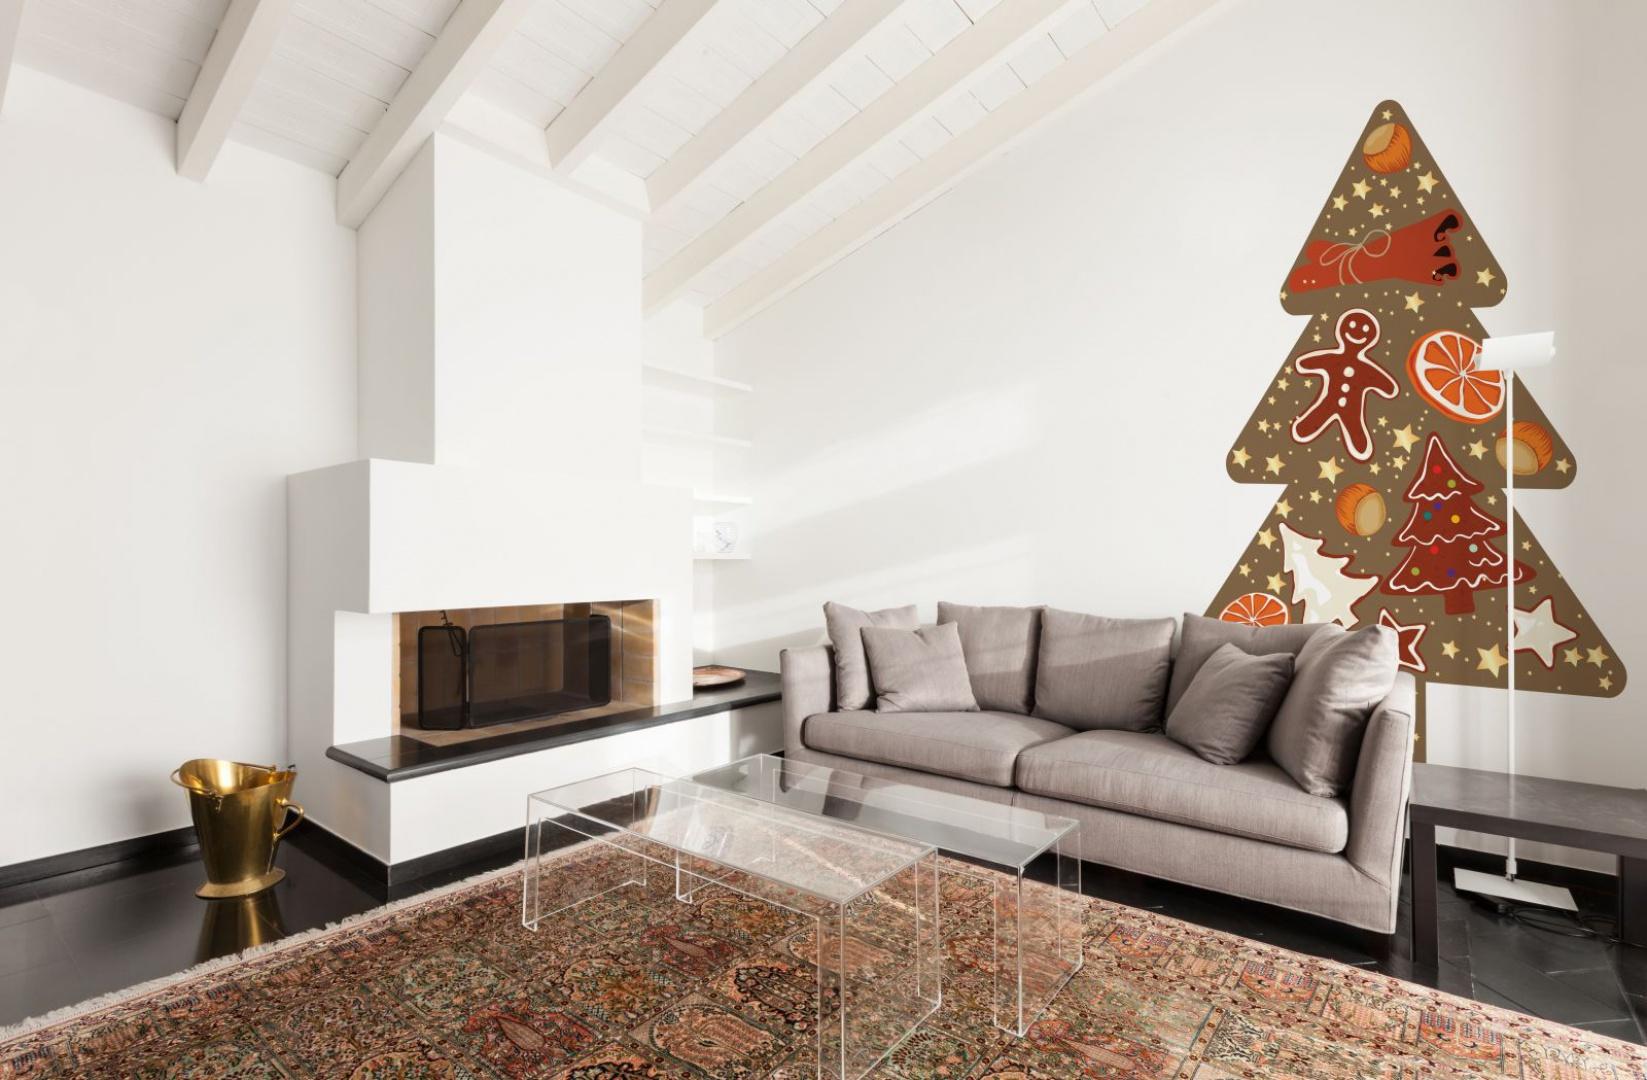 Dekoracja ścienna inspirowana choinką jest nie mniejszą dekoracją salonu niż świąteczne drzewko. zdobiące ją pierniki i plasterki pomarańczy komponują się z korzennym zapachem, jaki roztacza się w domu w te wyjątkowe dni. Fot. Minka.